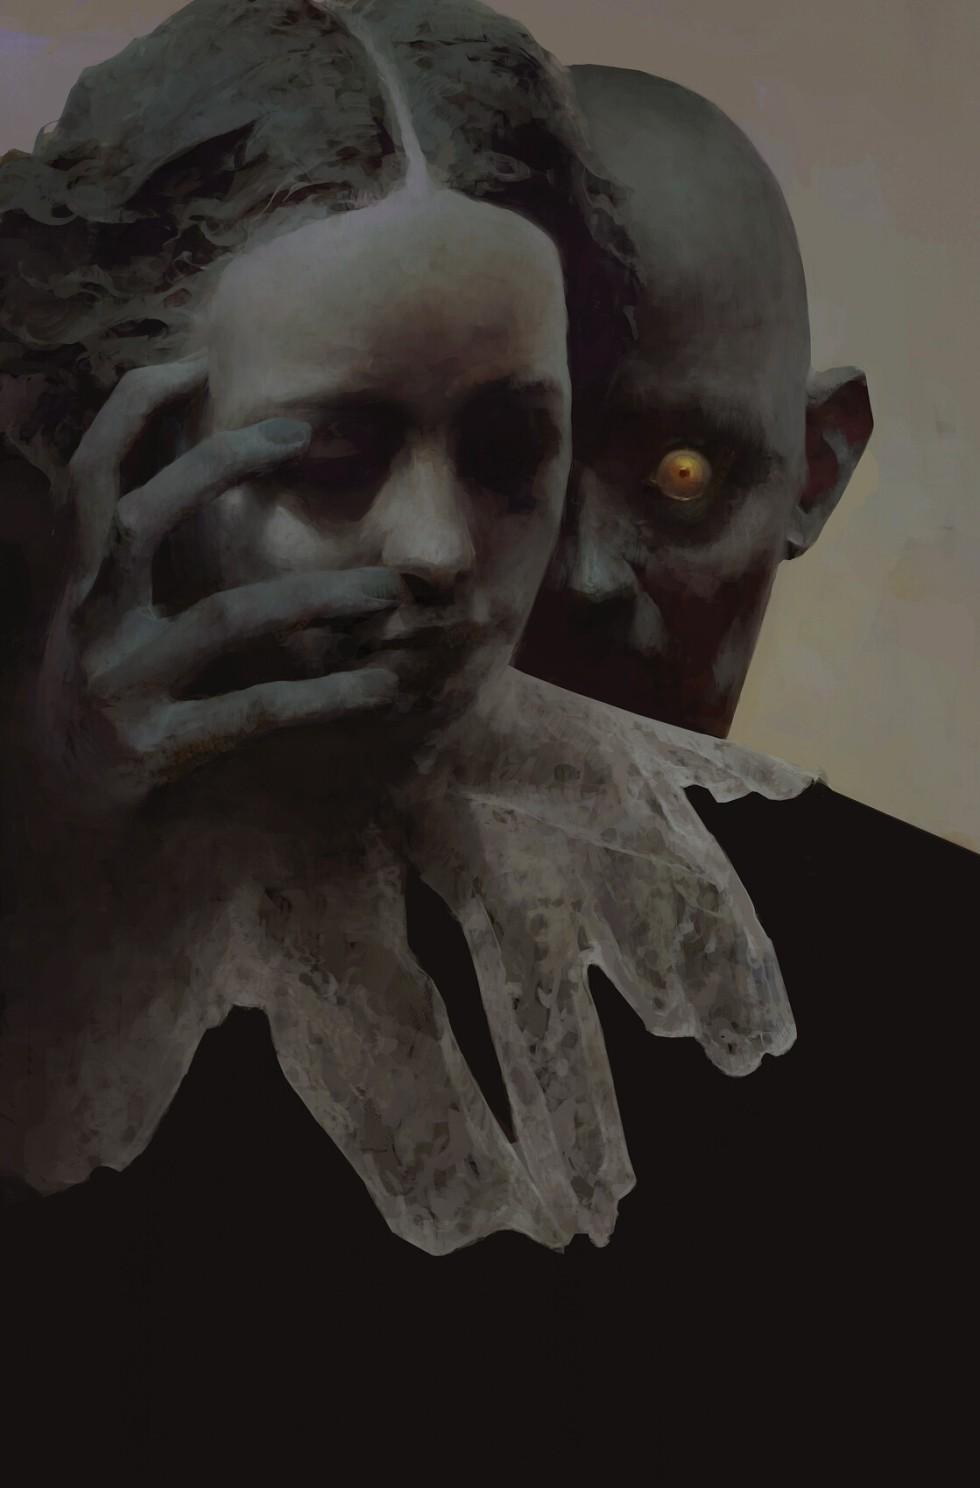 Vampire gothic by Piotr Jabłoński